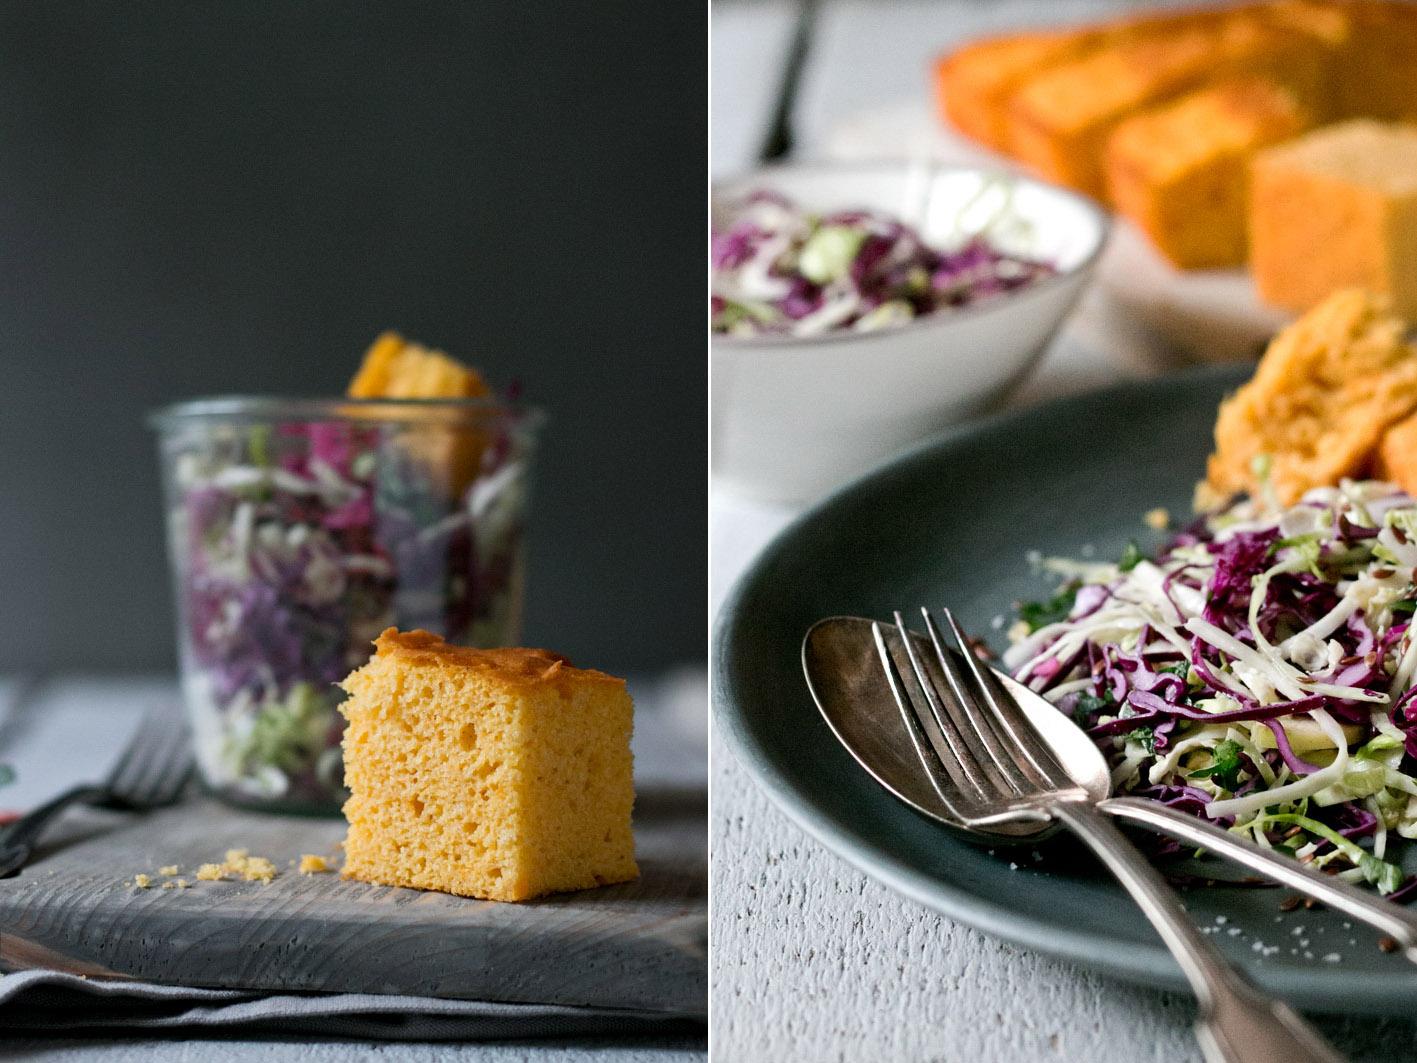 krautsalat maisbrot